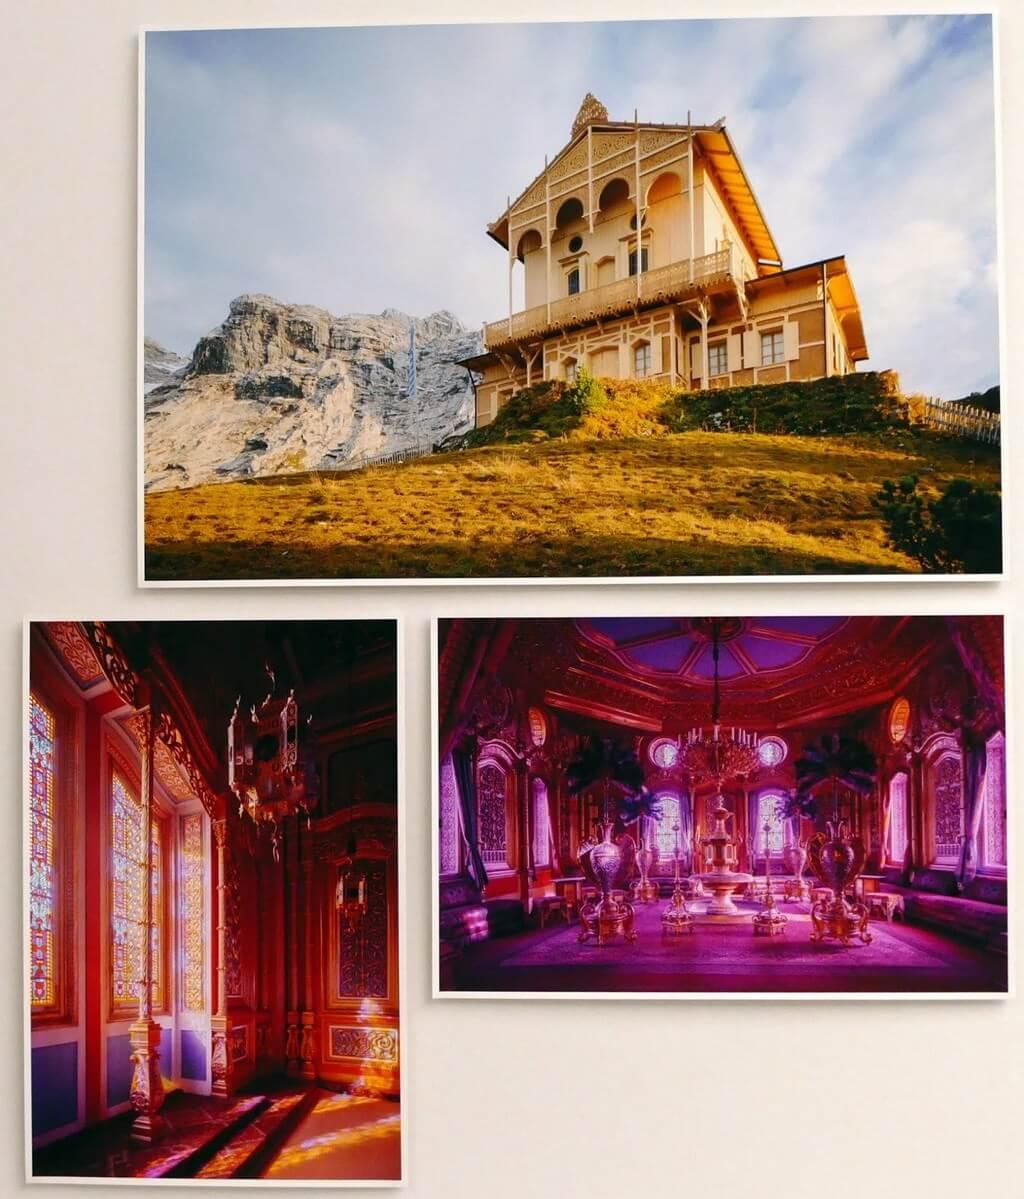 Exposition architecture sous louis ii de bavière chalet schachenhaus